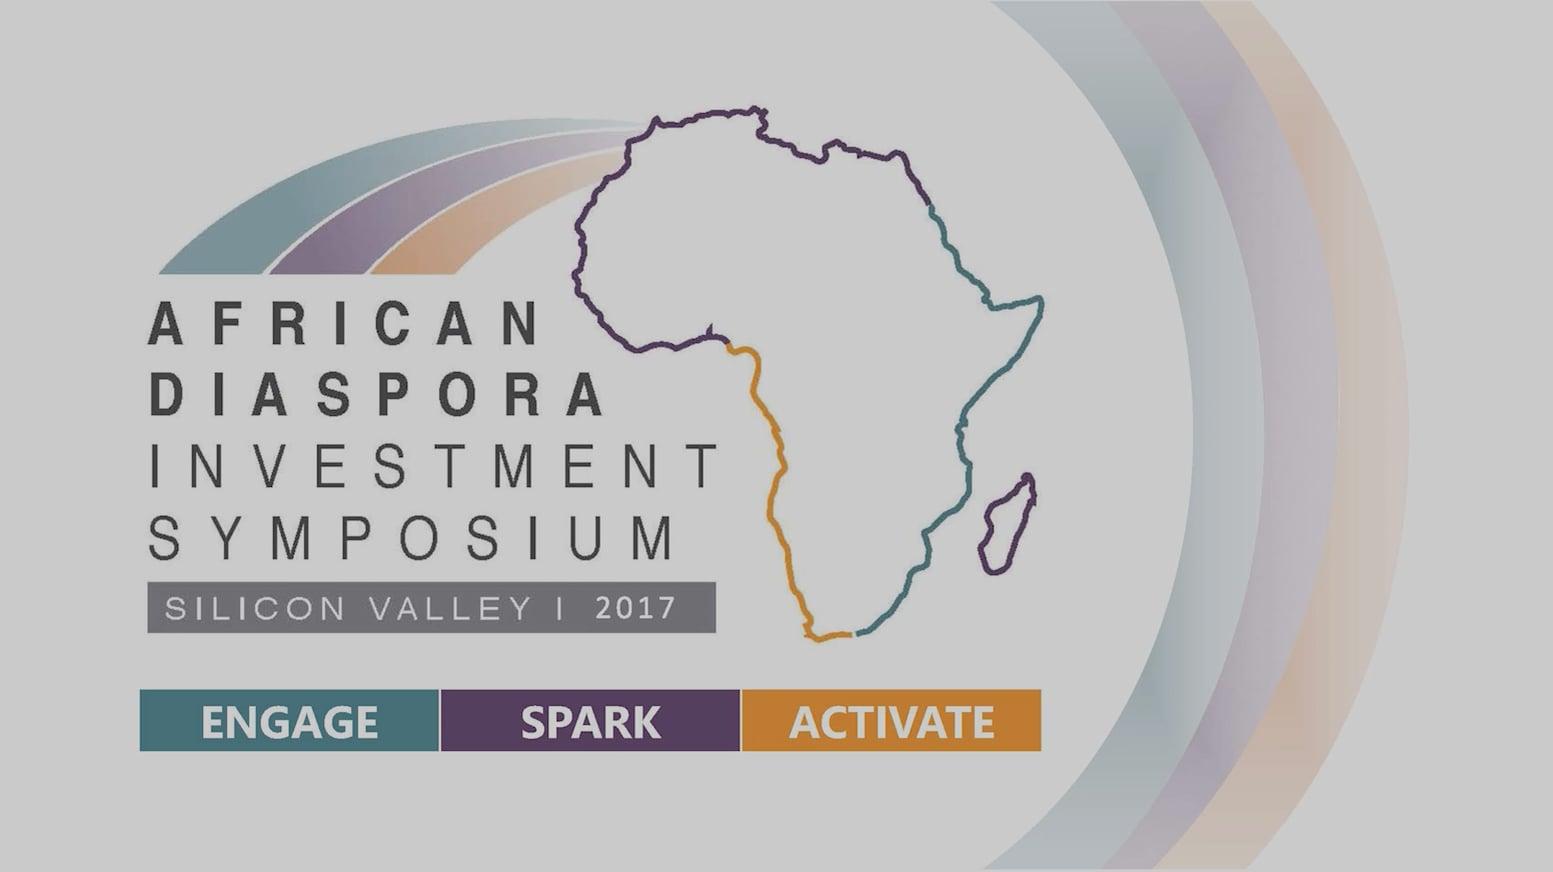 African Diaspora Investment Symposium 2017